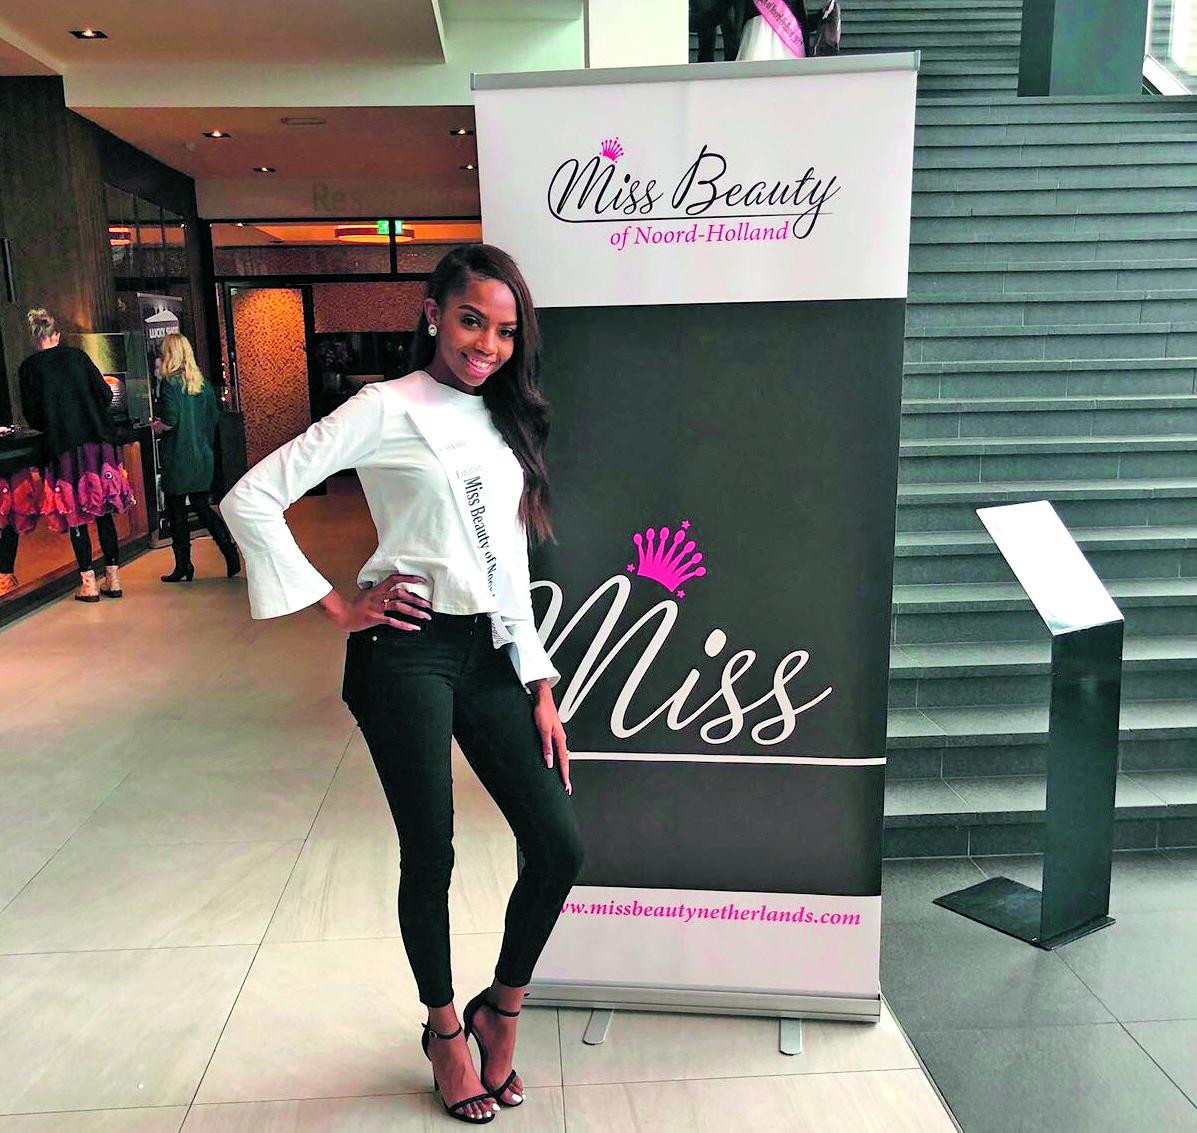 Het 20-jarige model is een van de deelneemsters aan Miss Beauty of Noord-Holland 2018 in de Purmaryn. (Foto: aangeleverd)